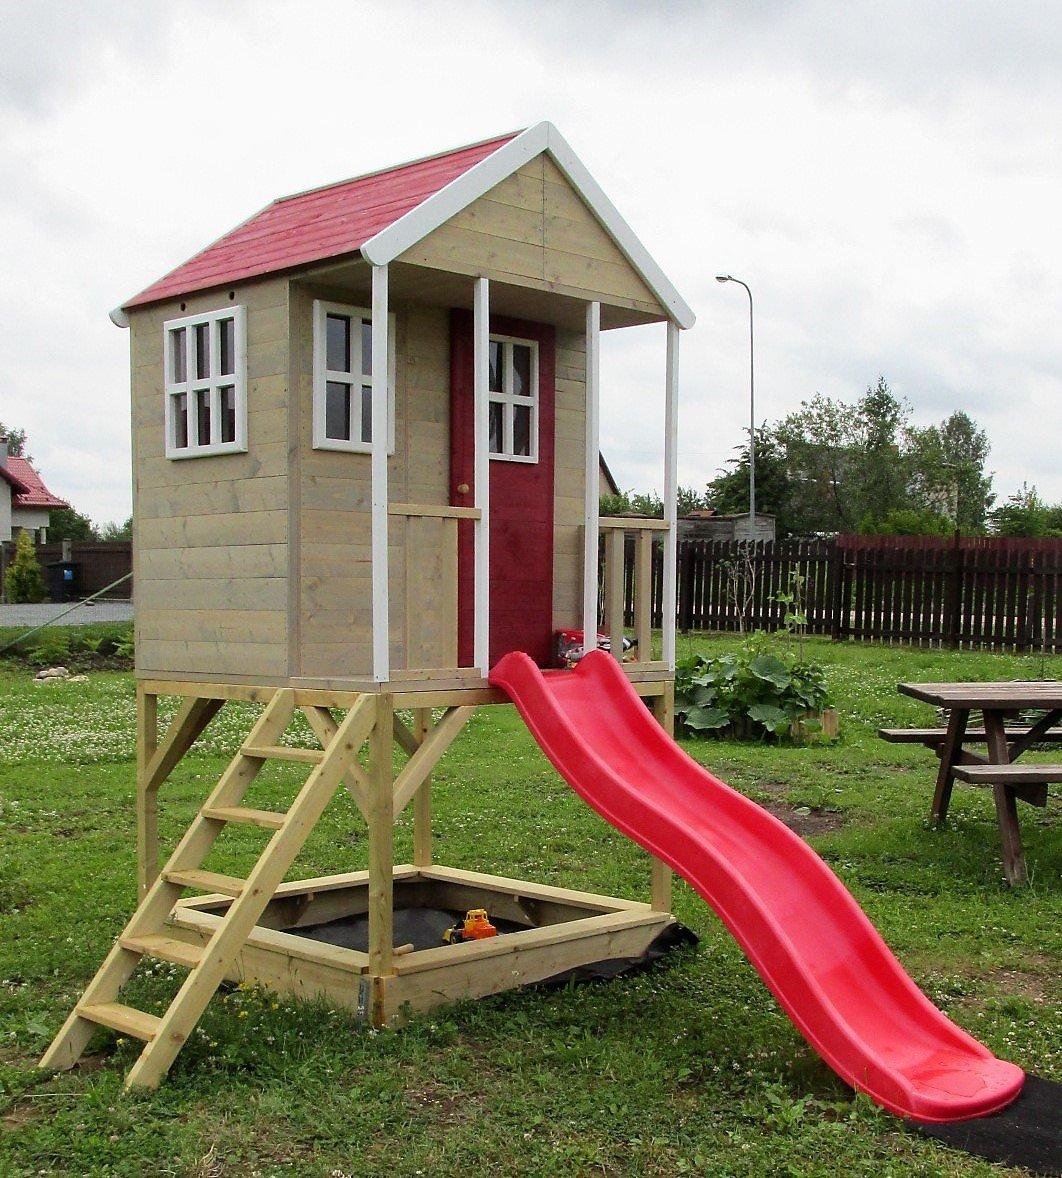 Kinderspielhaus Spielhaus Holz mit Plattform, Treppe, Sandkasten und Rutsche Nordic Adventure House